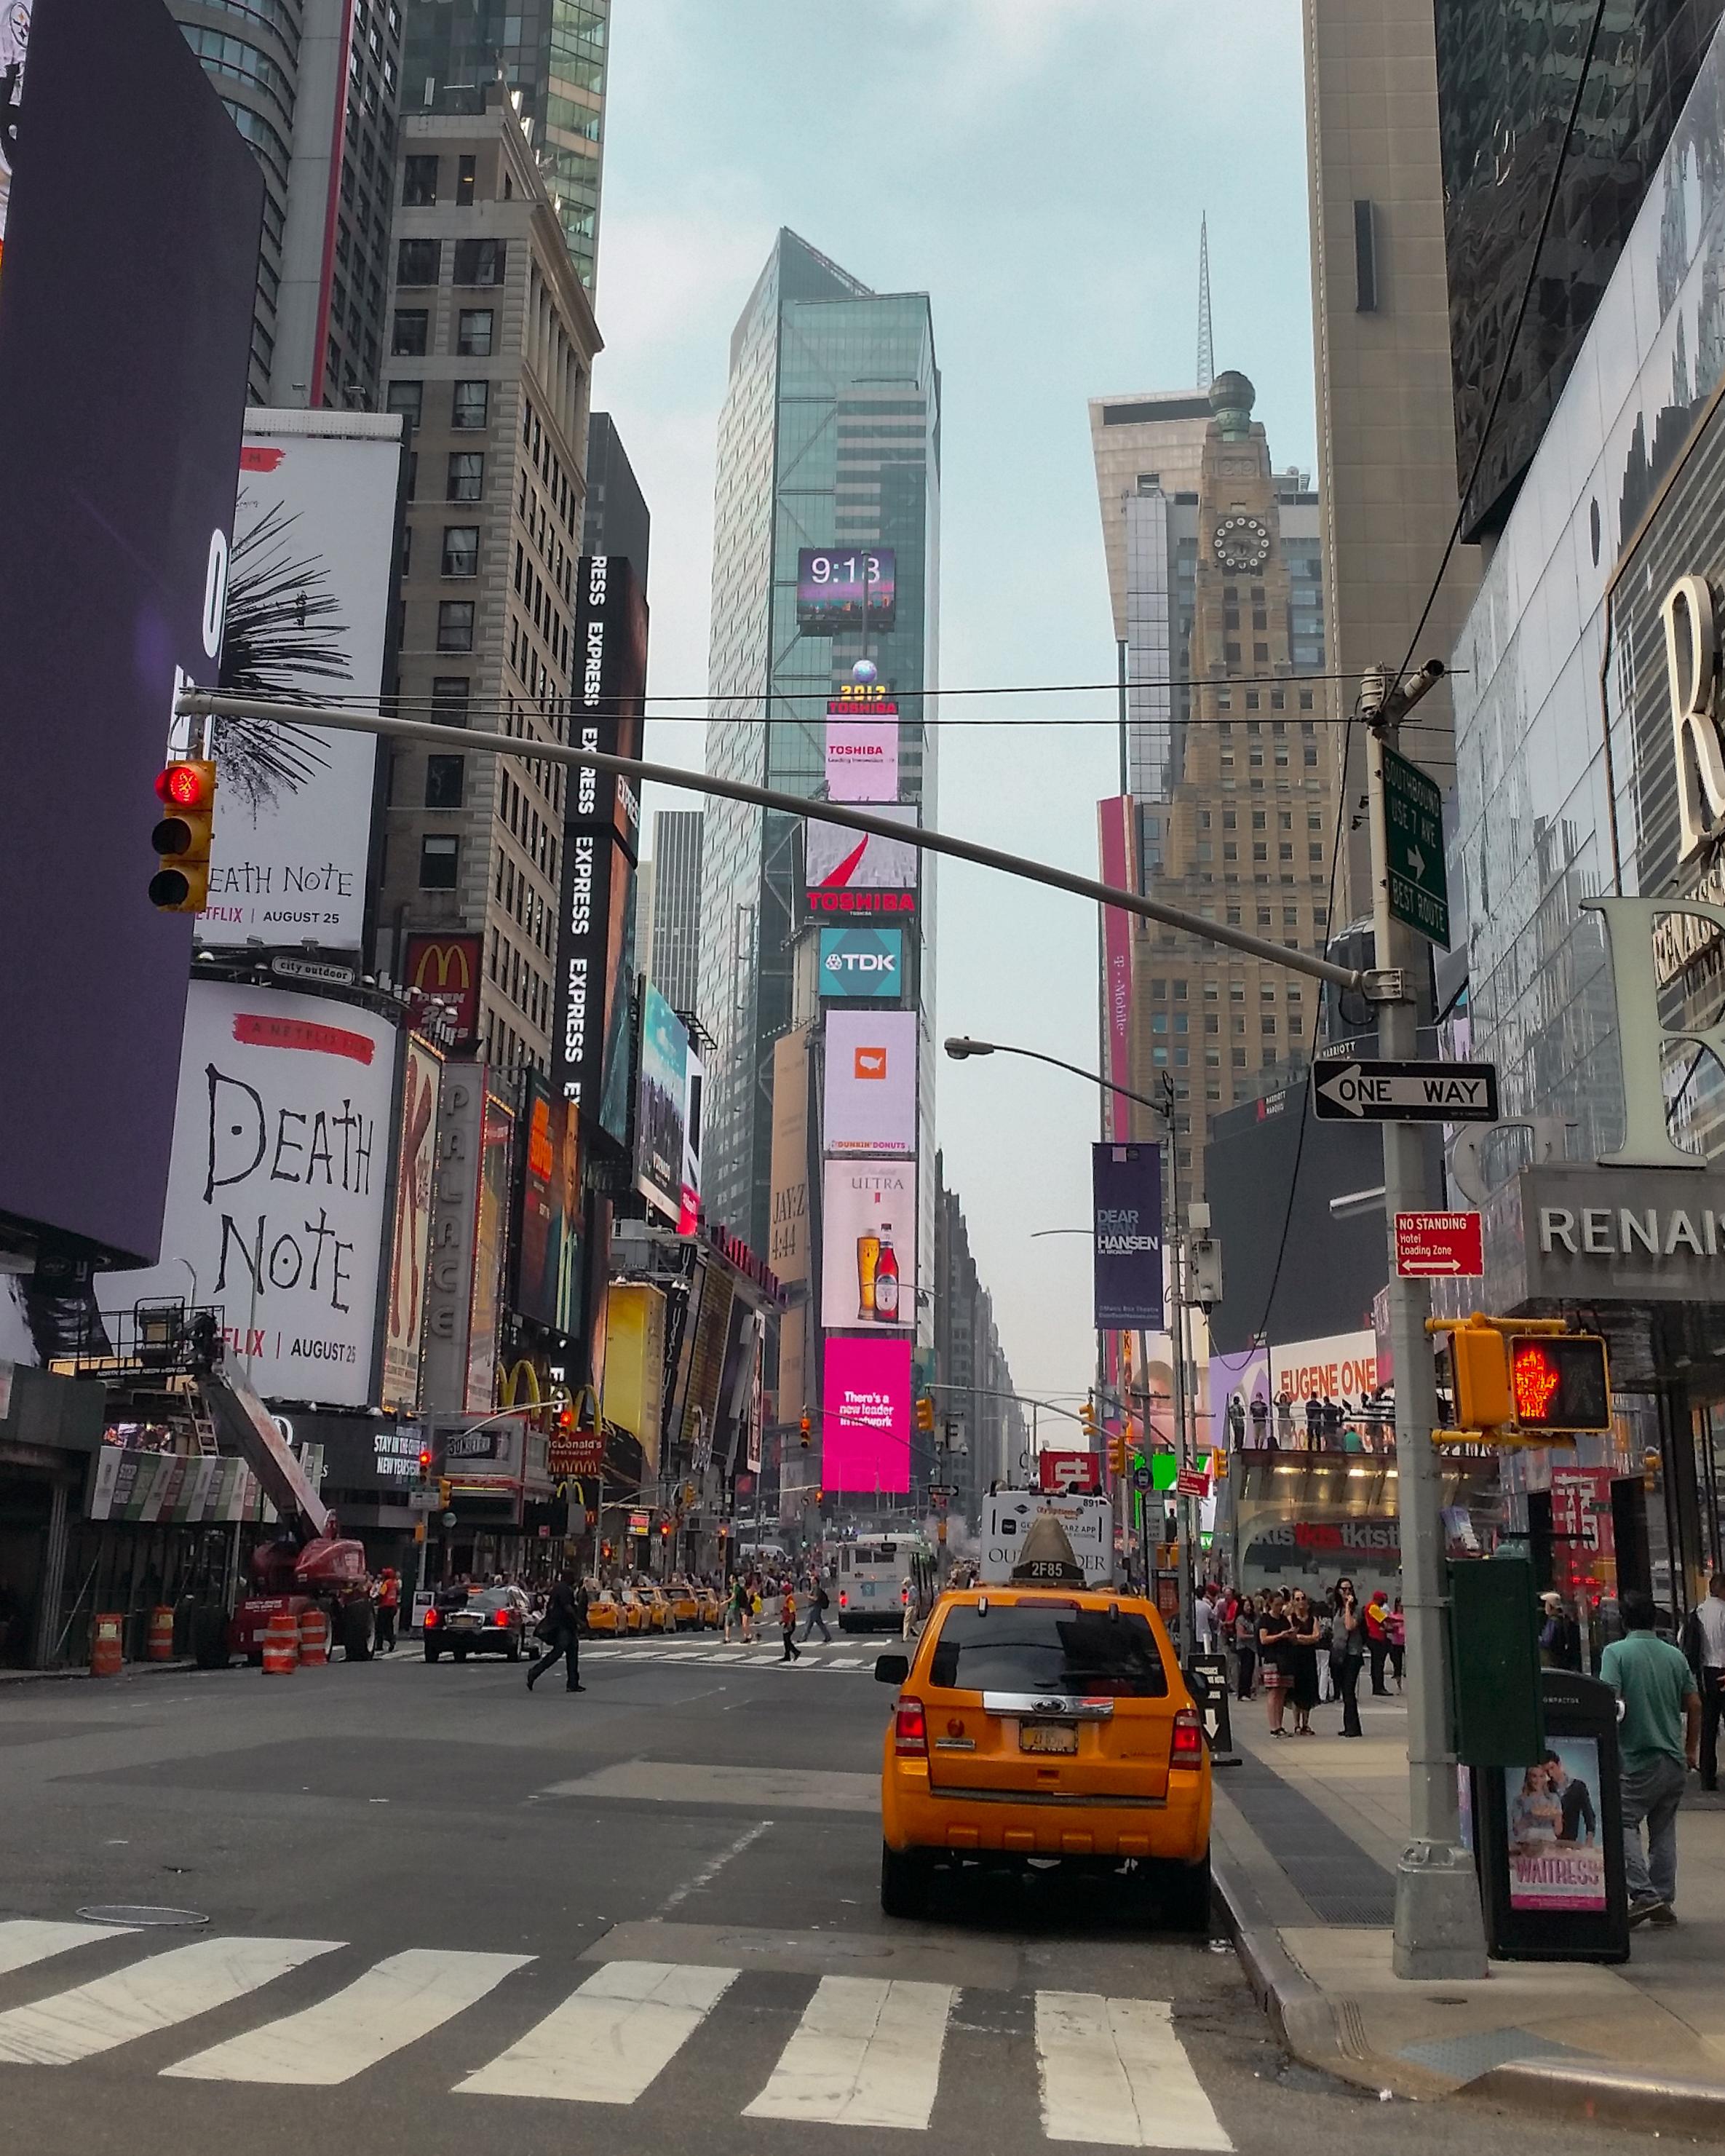 Arrivée à Time Square lors de mon voyage à New York